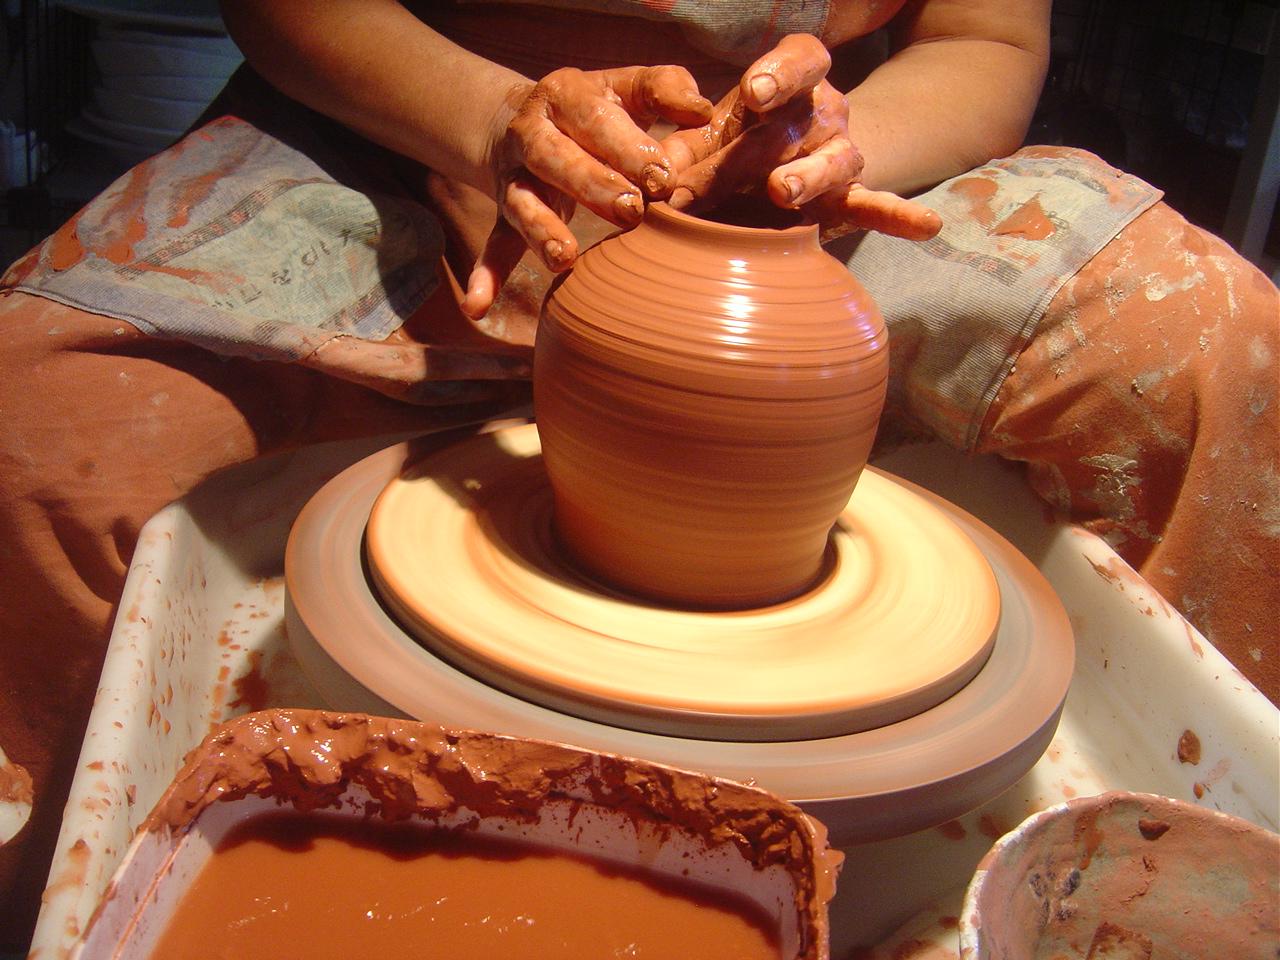 Cer mica art stica de alta temperatura modelagem em torno for Ceramica para modelar